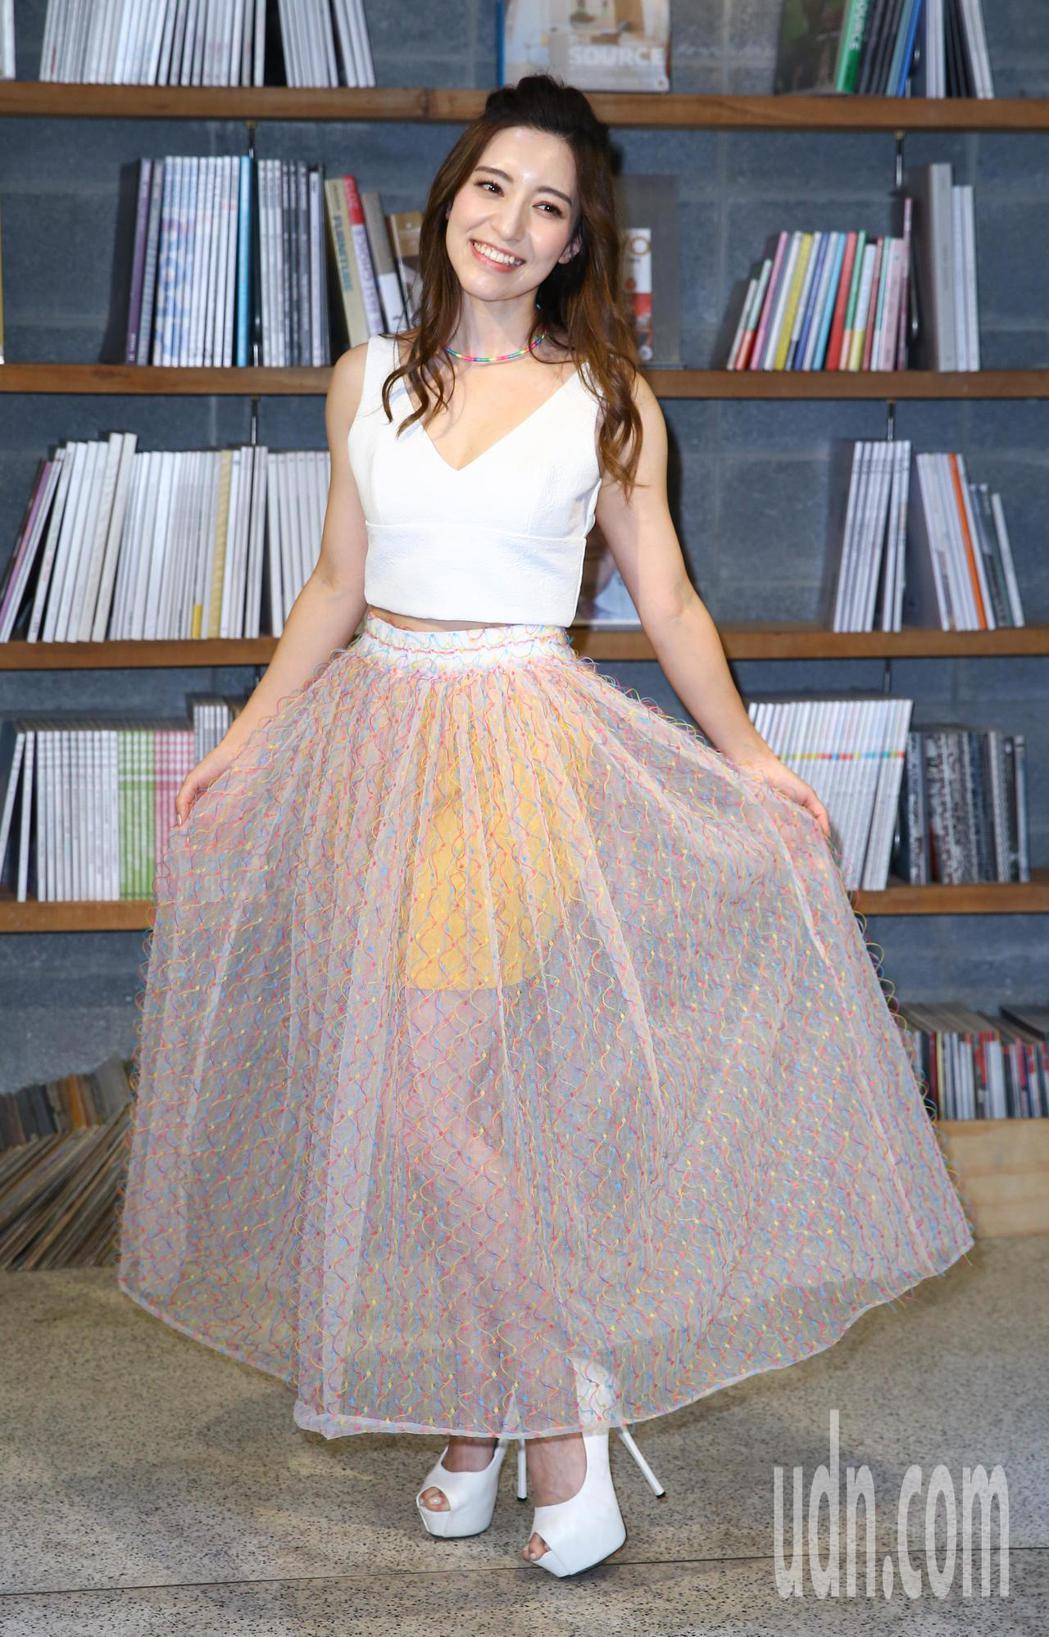 梁心頤(Lara)舉行新專輯「千面獸」試聽記者會。記者陳柏亨/攝影